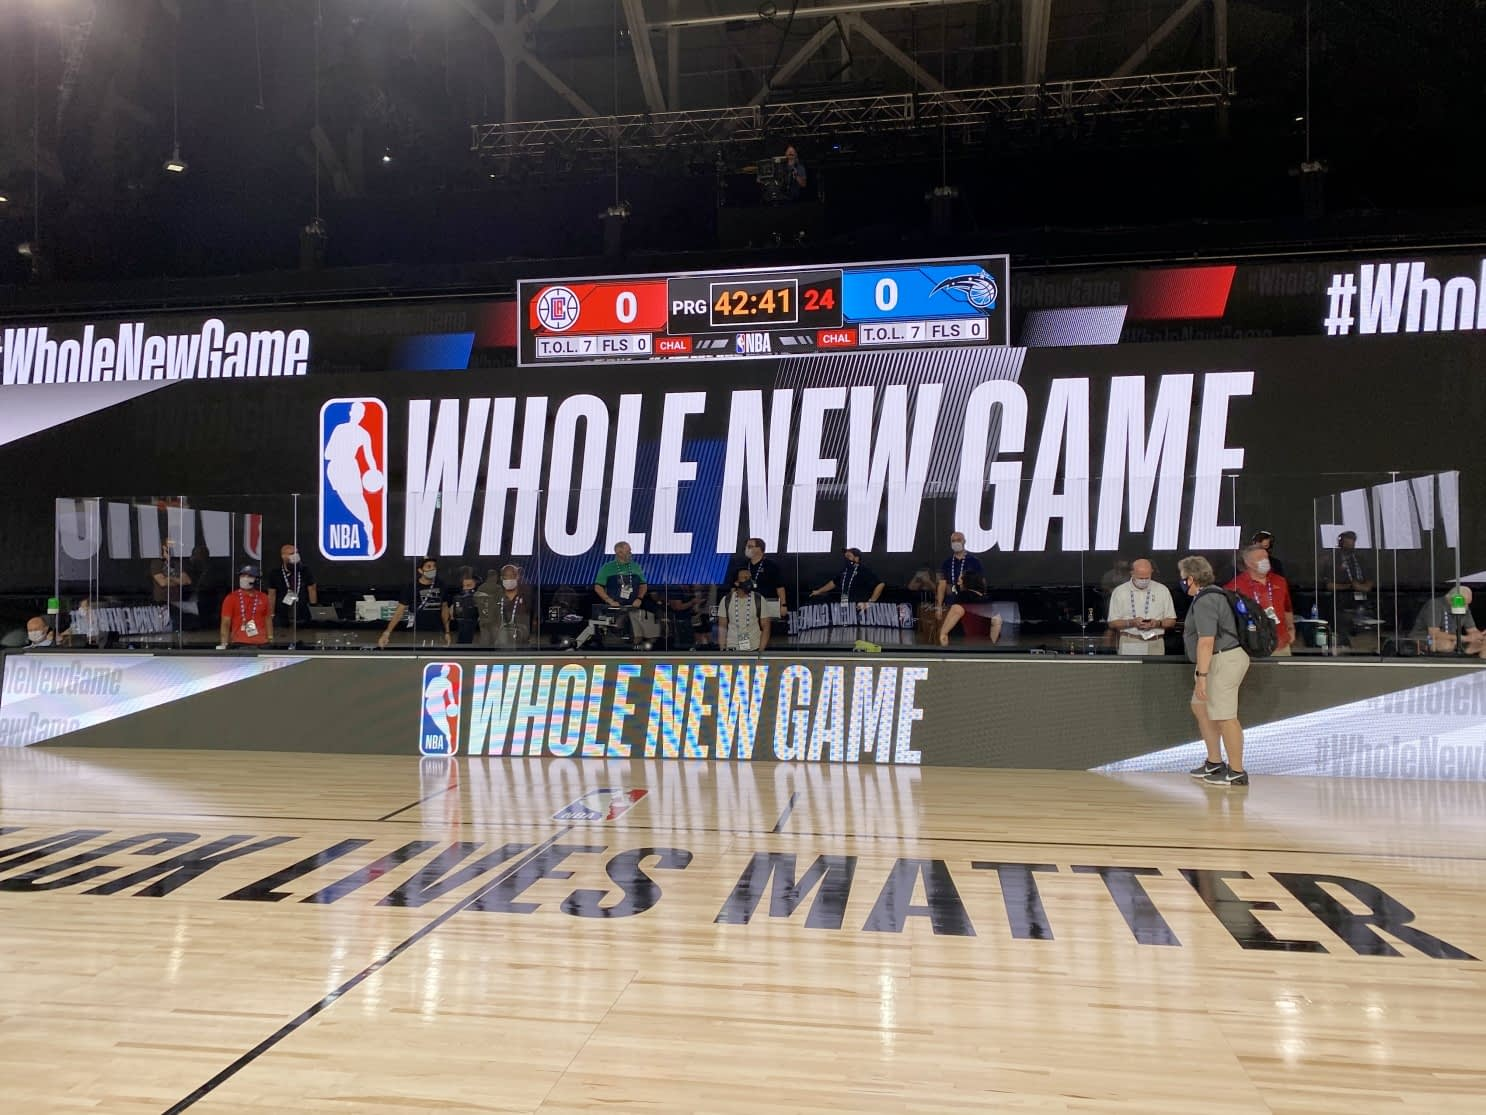 NBA bubble